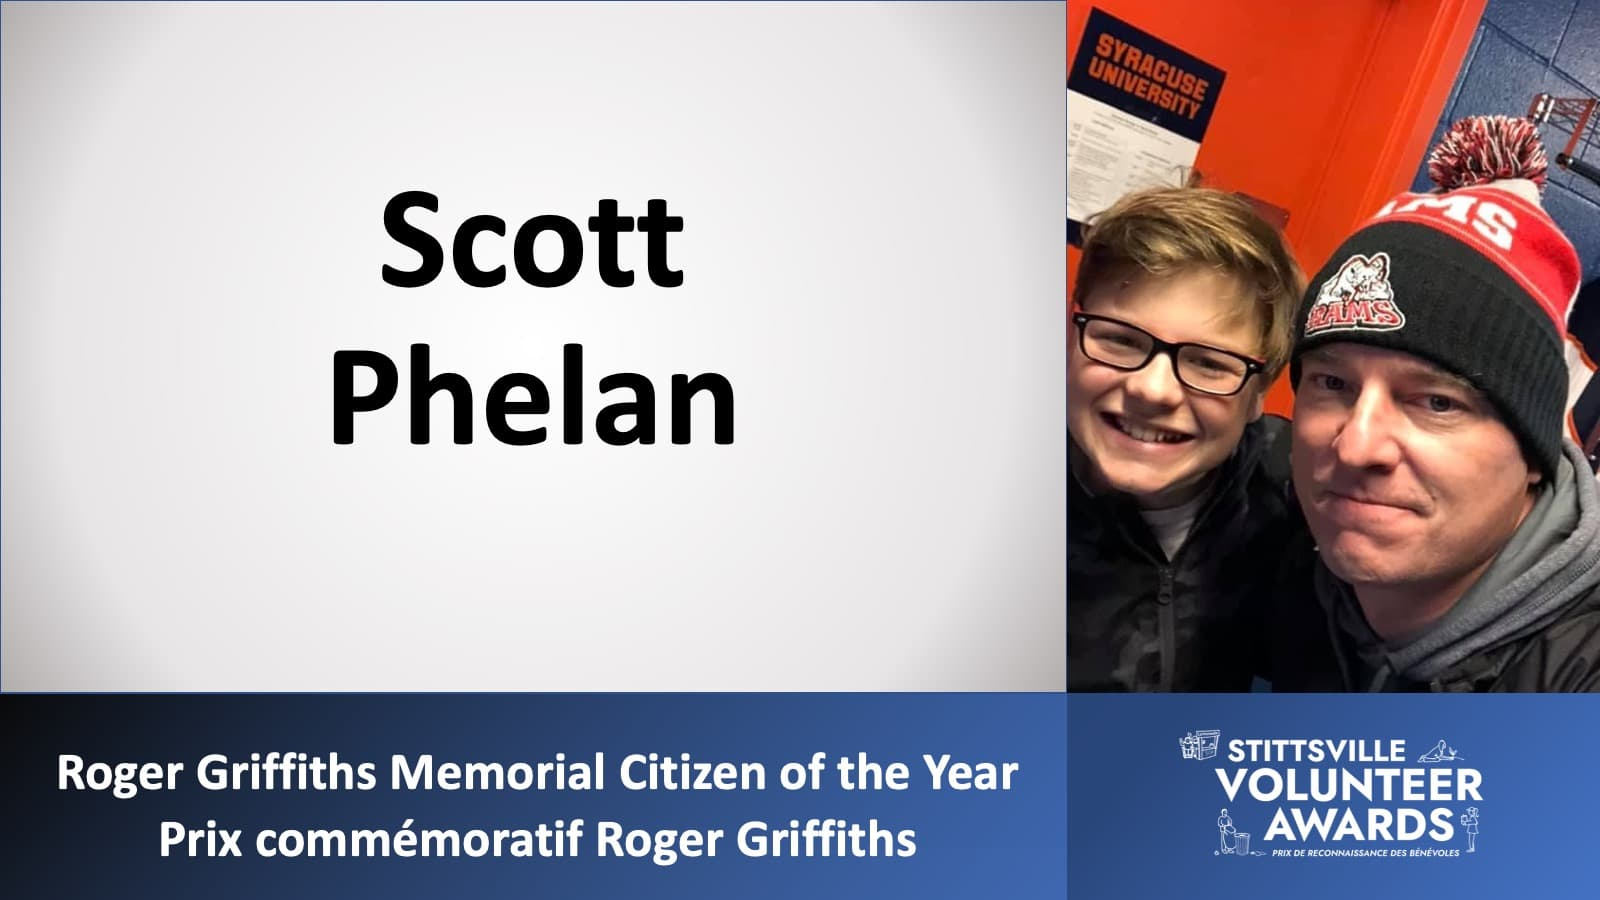 Scott Phelan